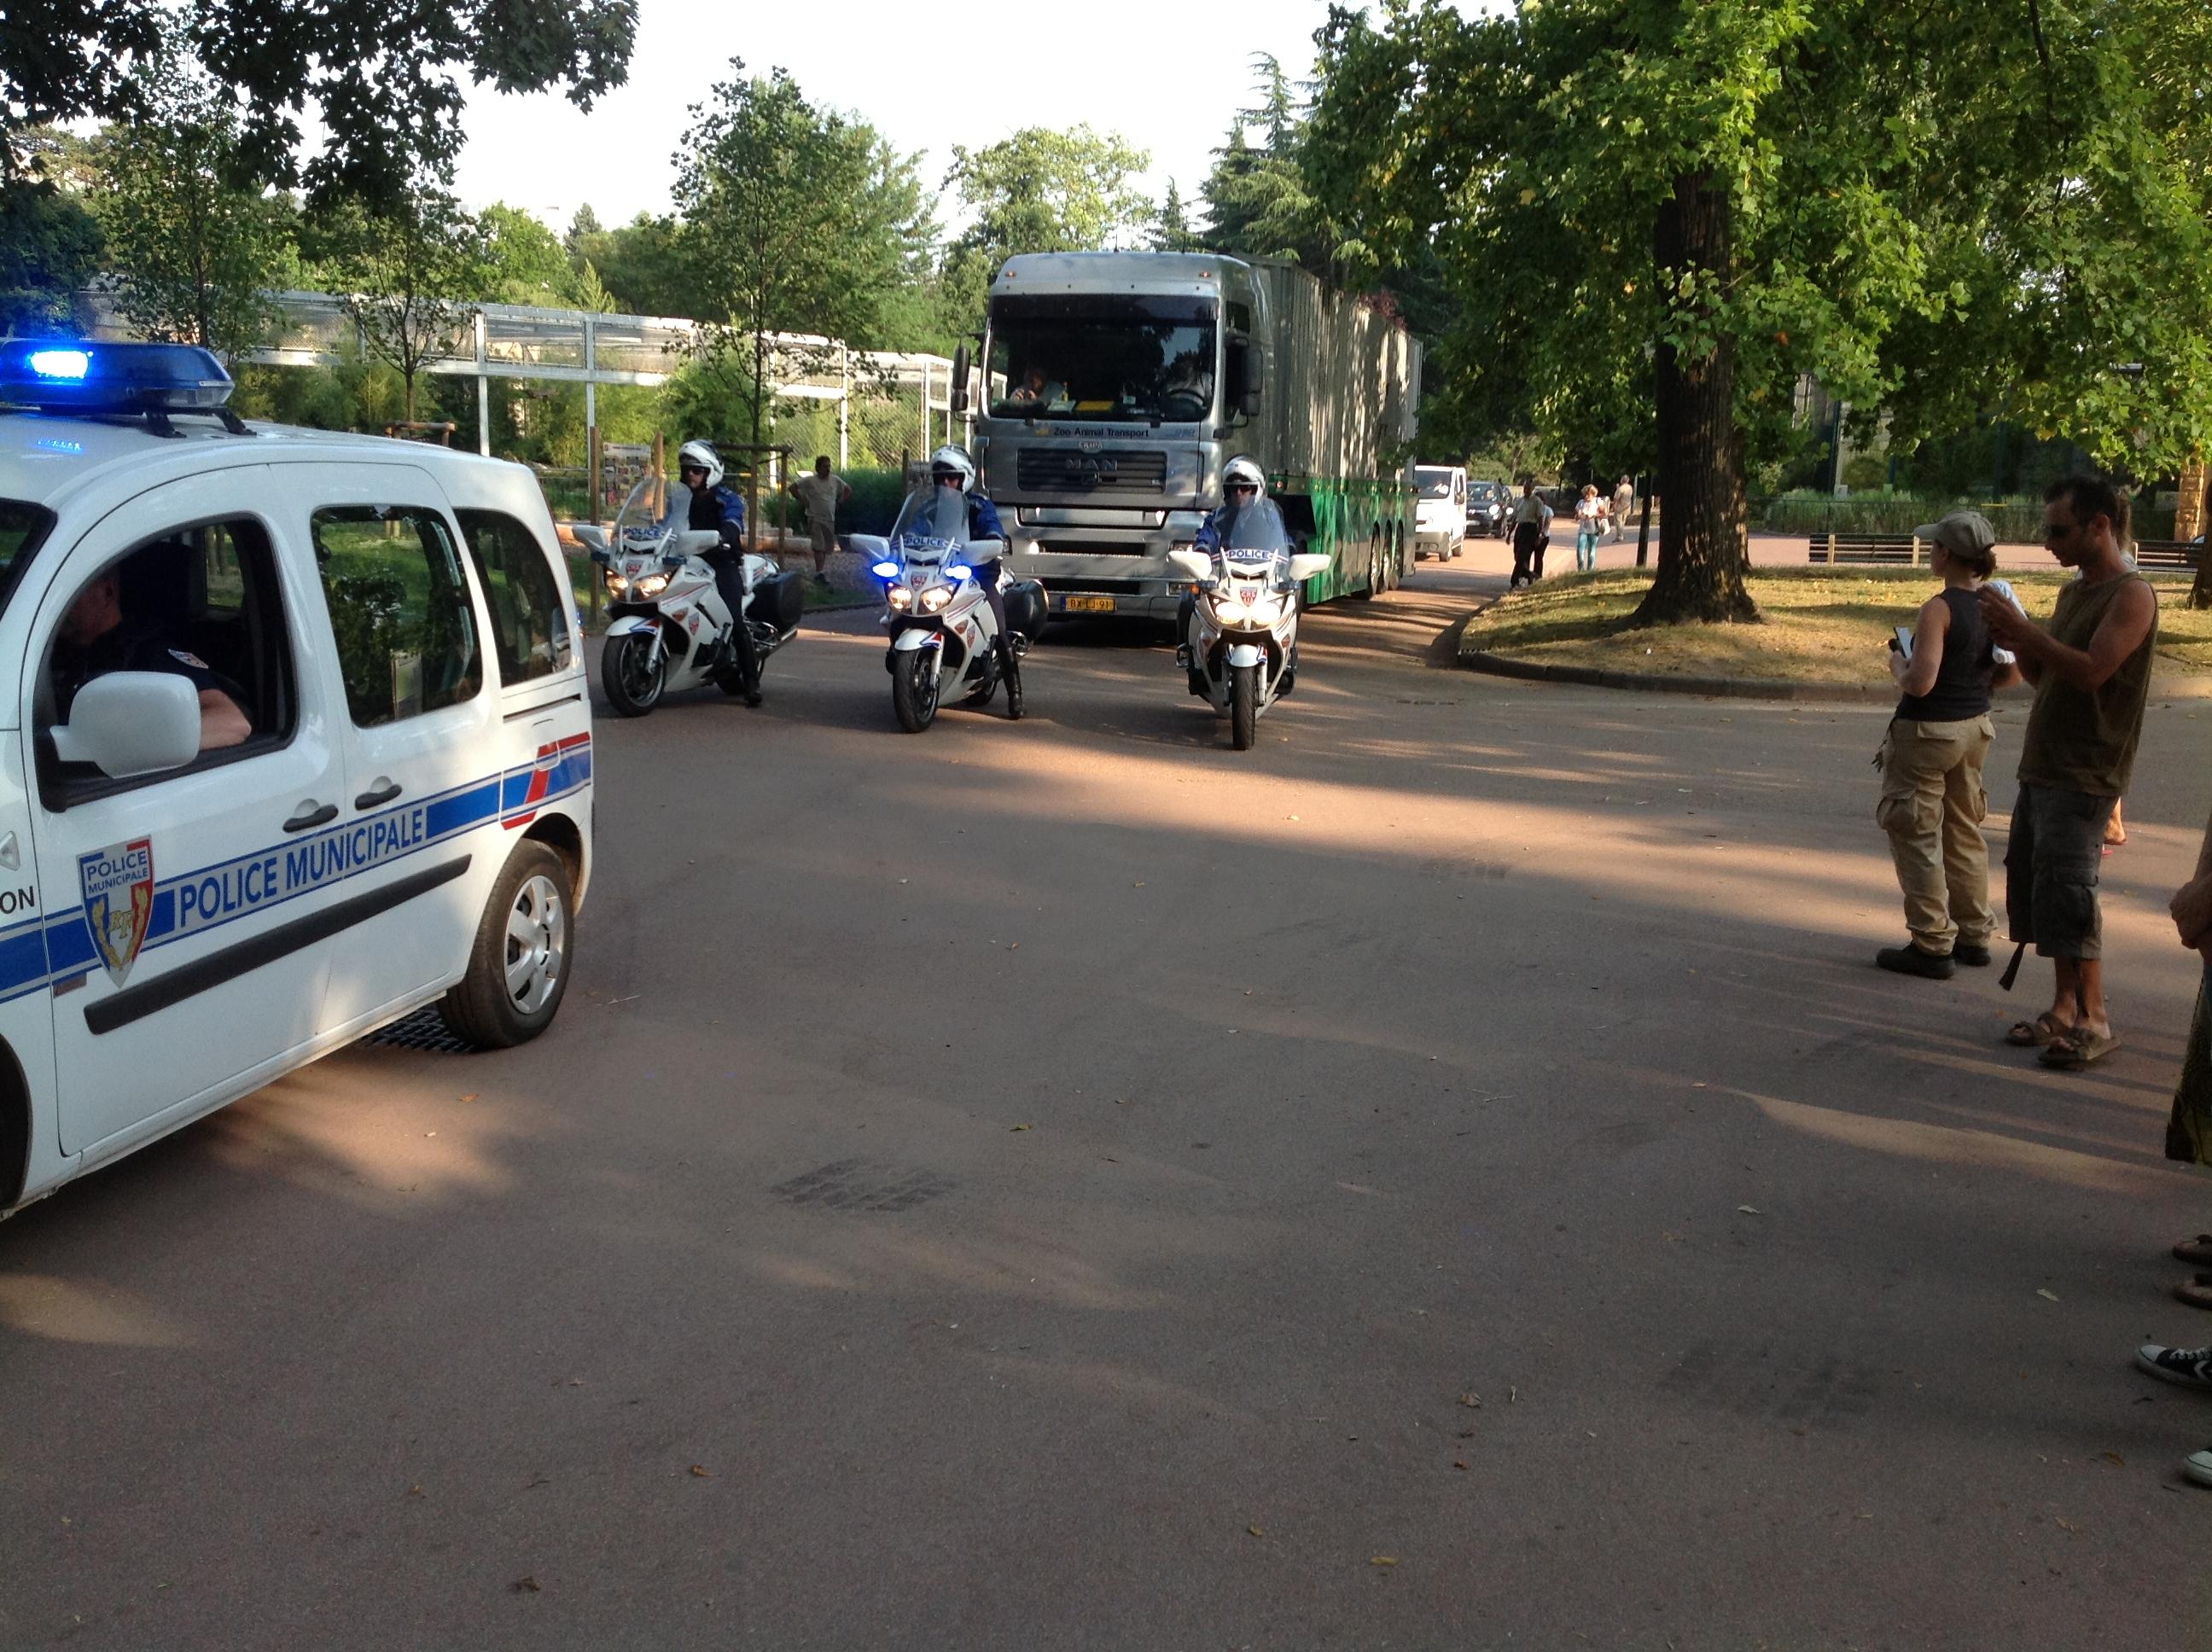 Le convoi transportant Baby et Népal quitte le parc de la Tête d'Or - LyonMag